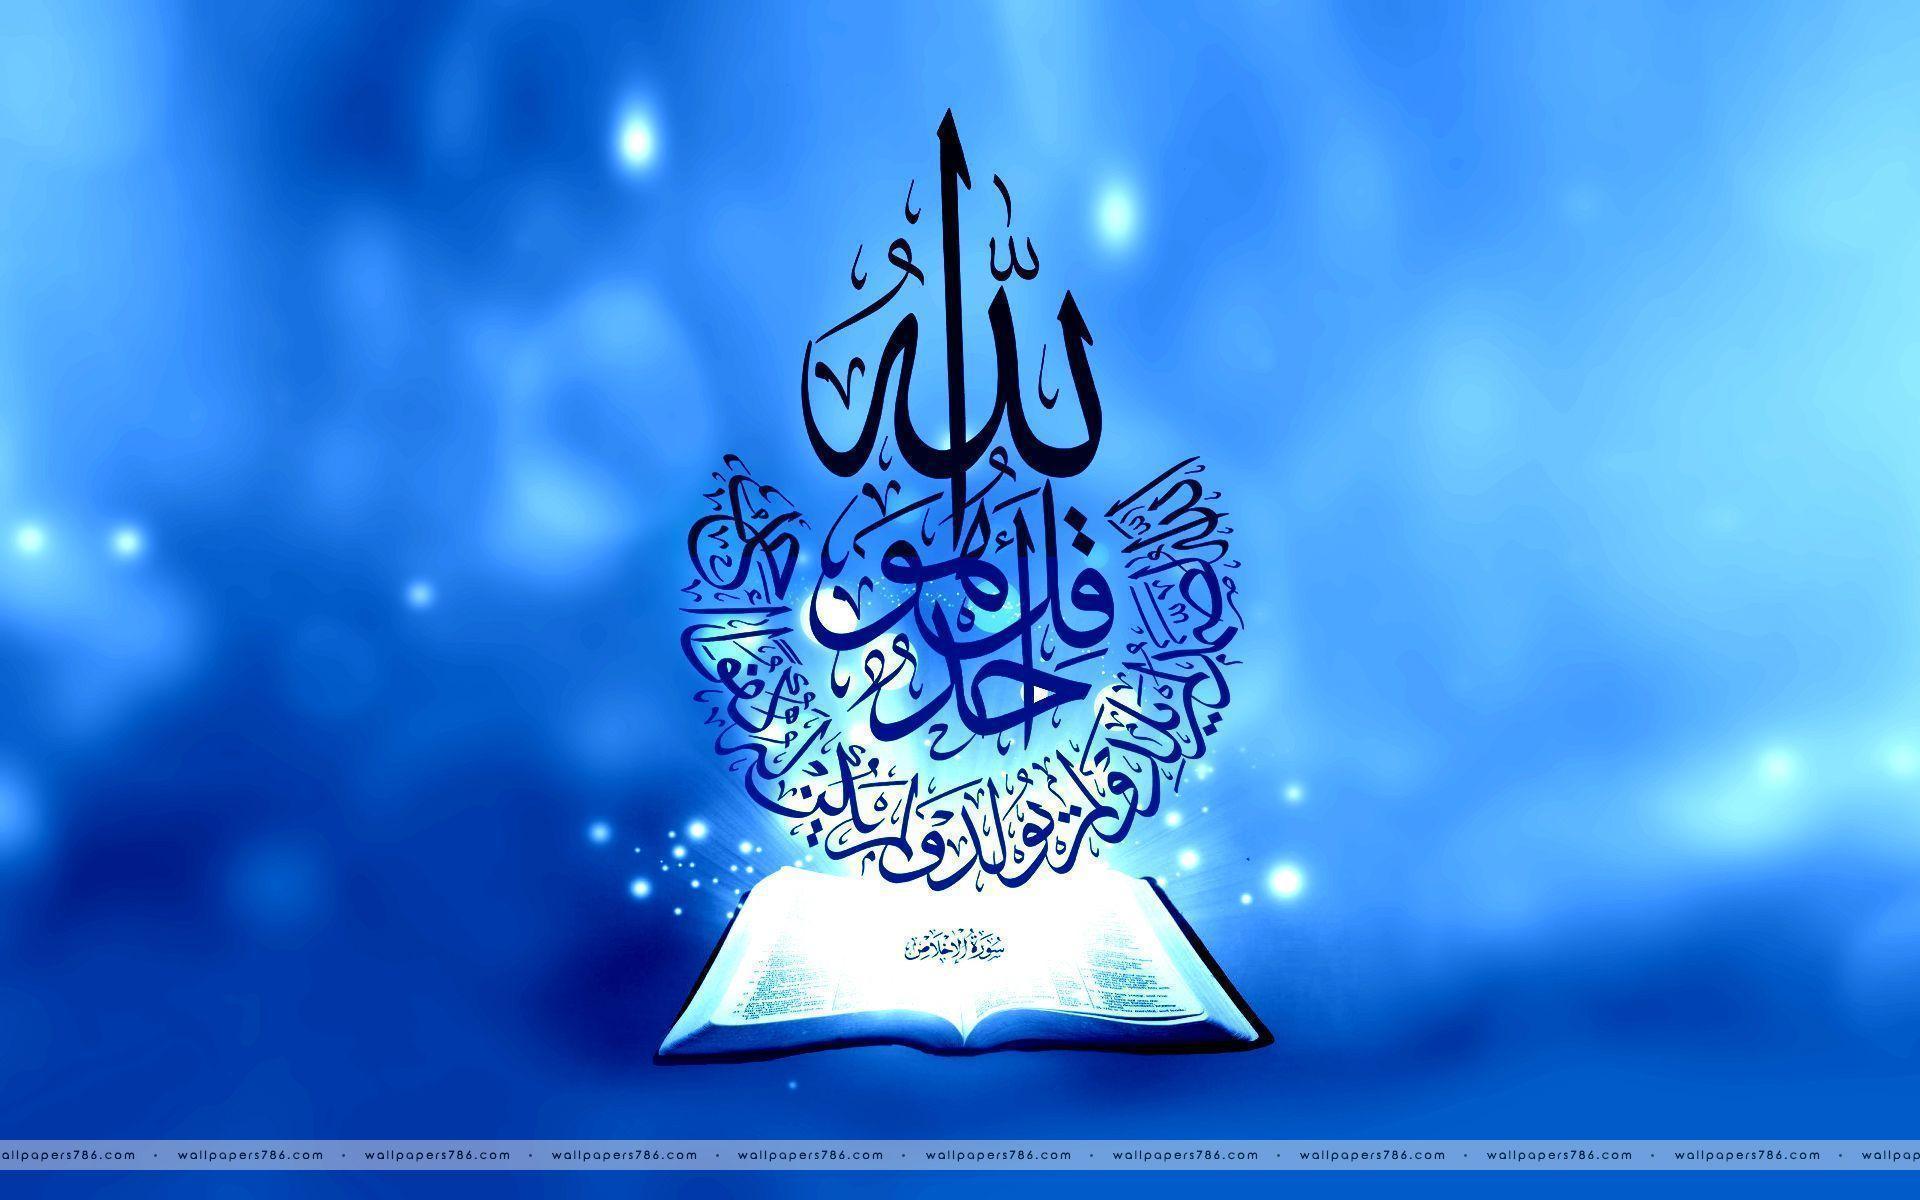 Hình nền Hồi giáo HD 1920x1200 - Máy tính để bàn Hình nền Hồi giáo đẹp